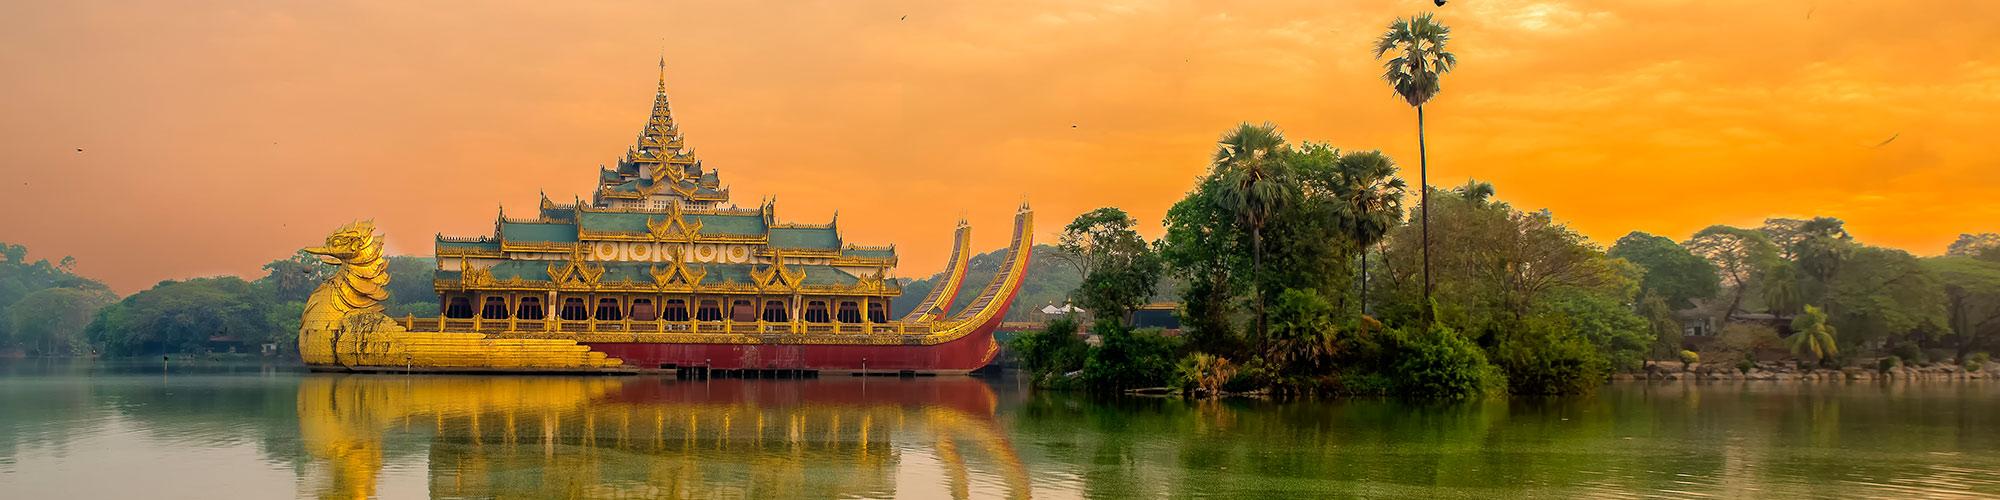 Birmania, el país más puro del Sudeste asiático - El País Viajes